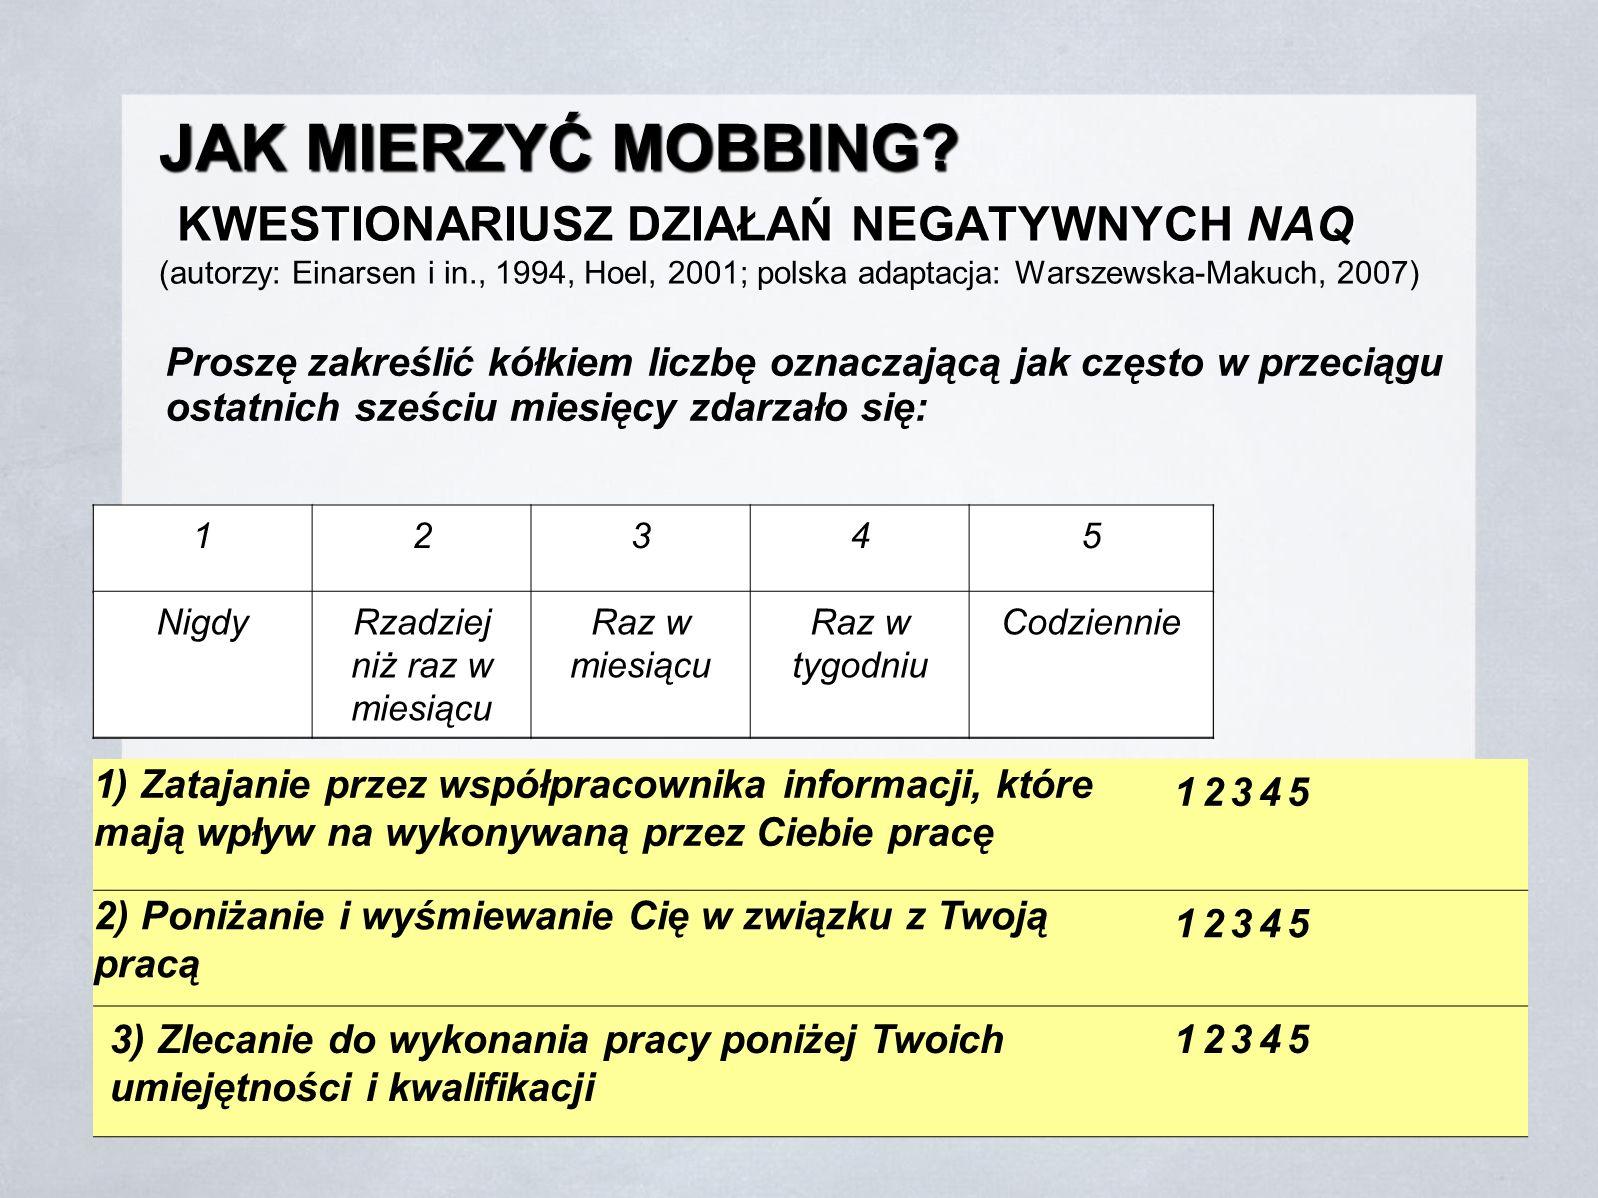 JAK MIERZYĆ MOBBING KWESTIONARIUSZ DZIAŁAŃ NEGATYWNYCH NAQ (autorzy: Einarsen i in., 1994, Hoel, 2001; polska adaptacja: Warszewska-Makuch, 2007)